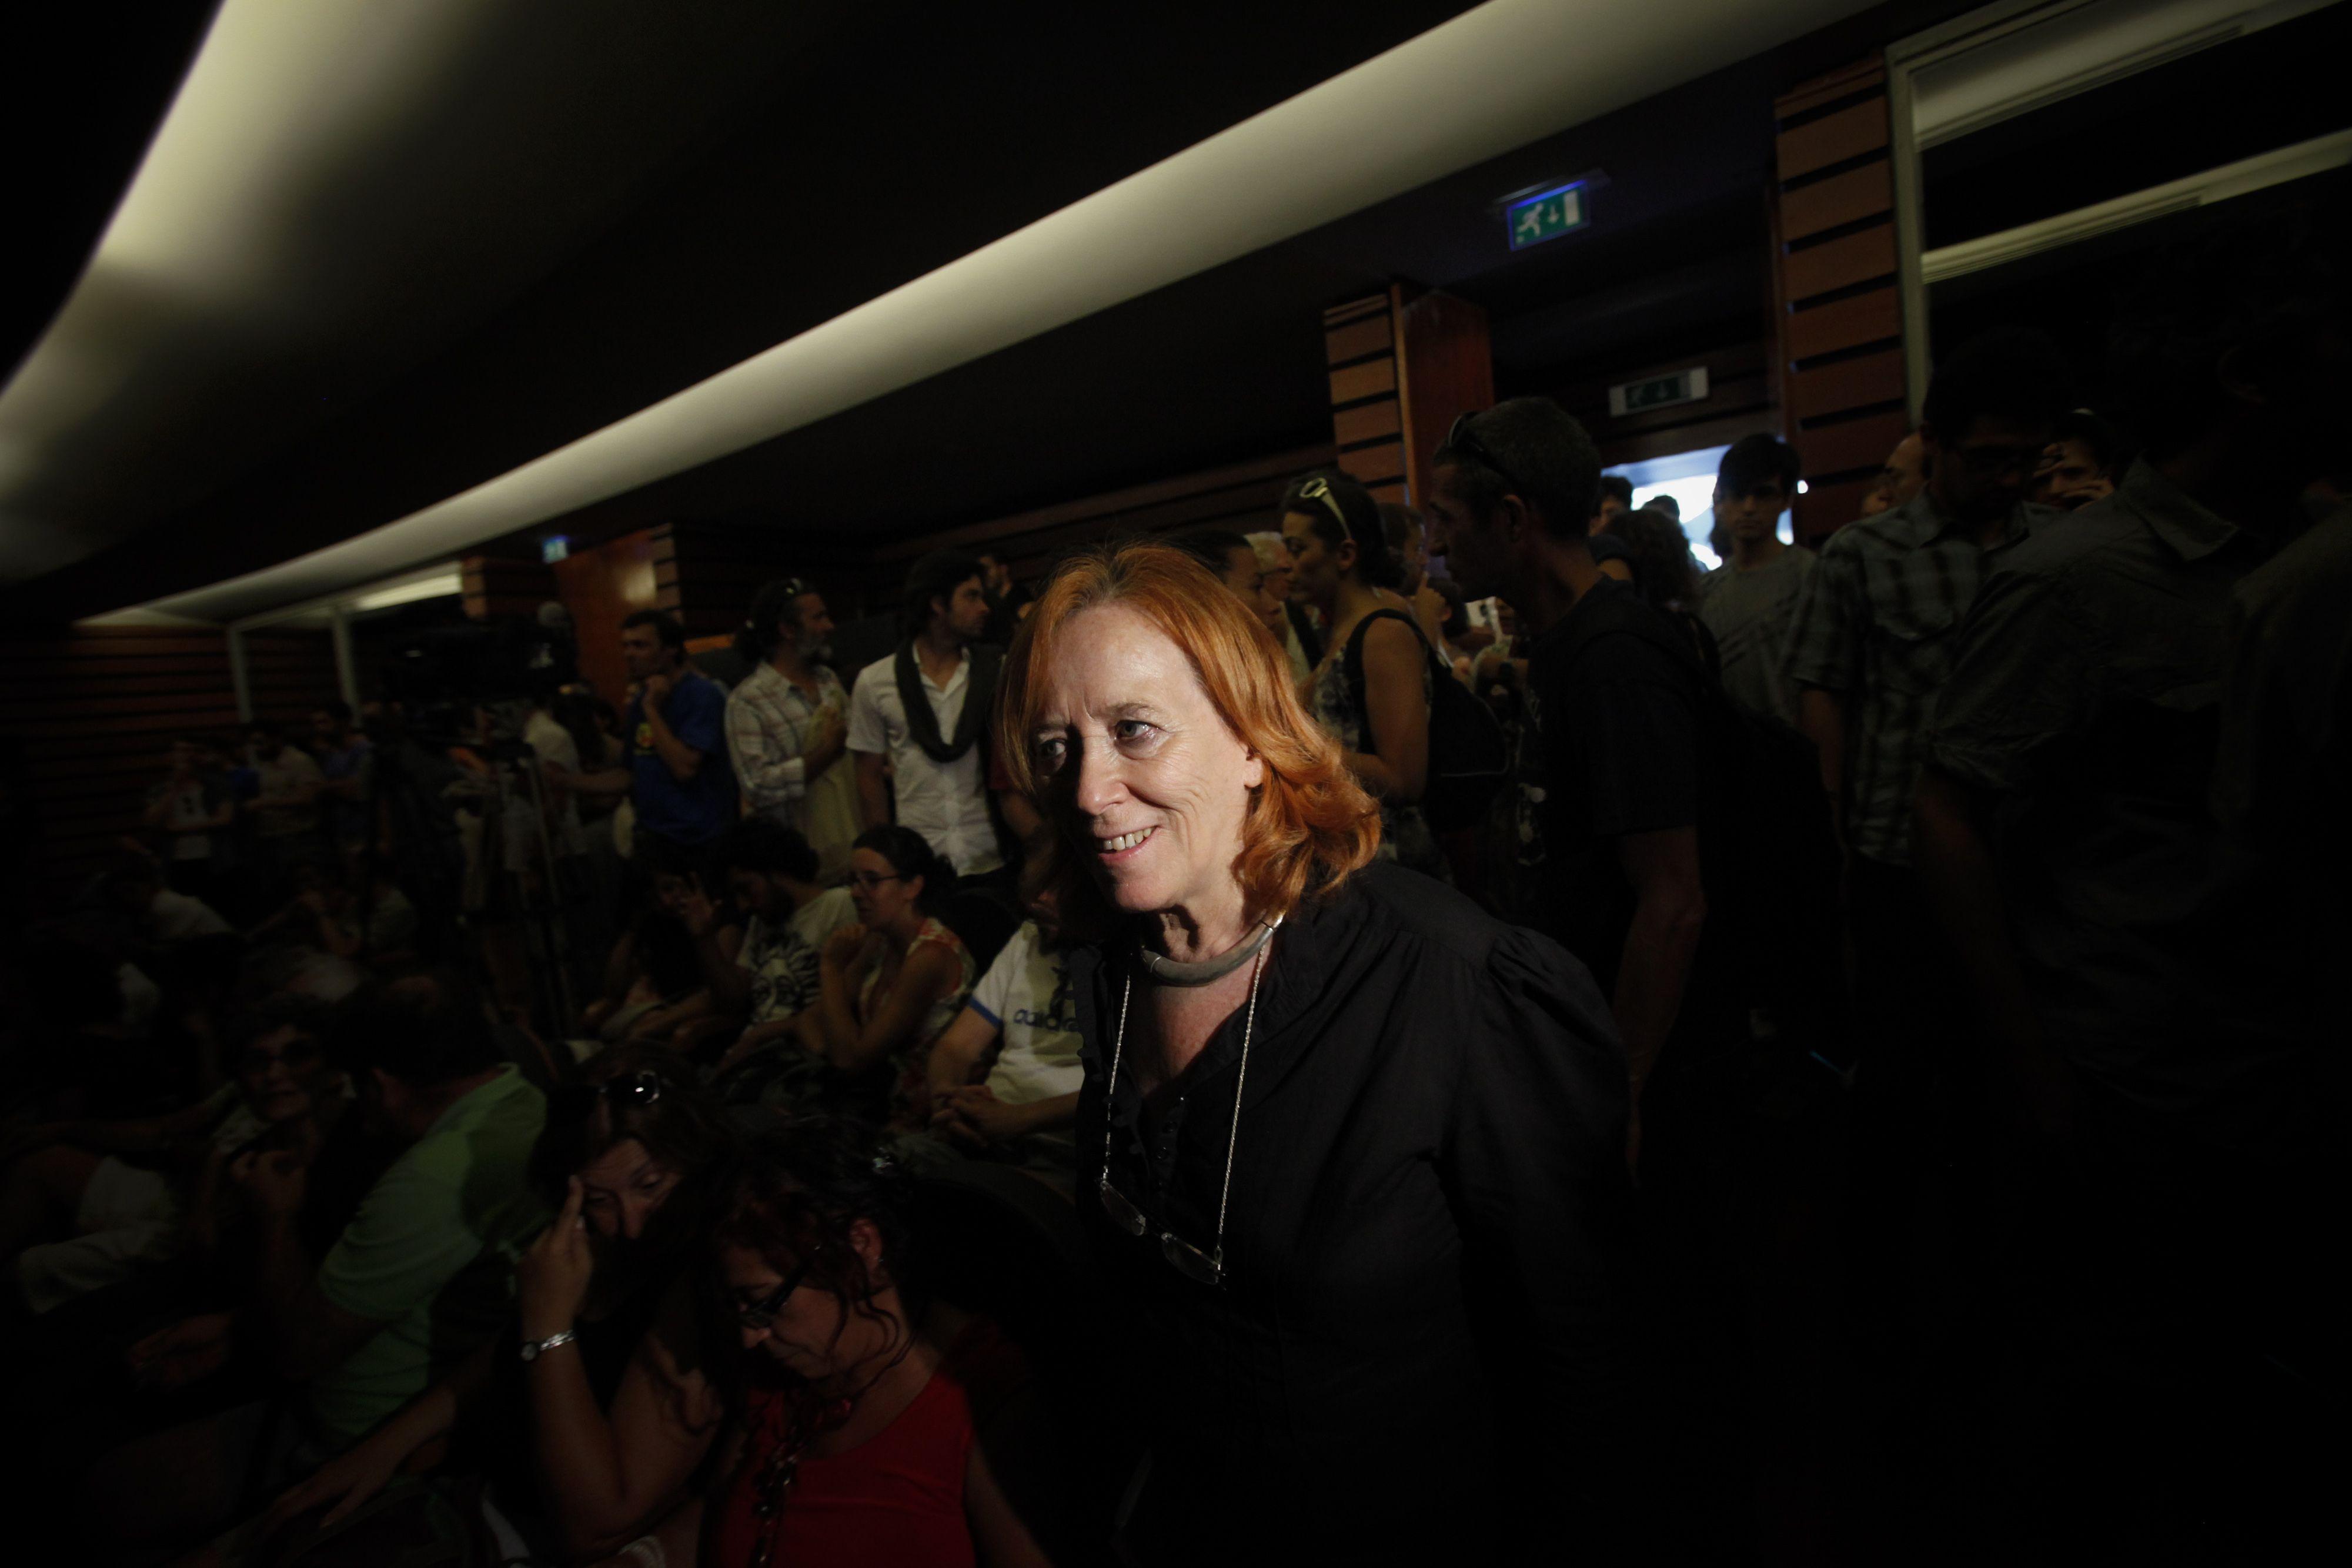 Retrospetiva sobre Maria do Céu Guerra inaugura hoje no Teatro Experimental de Cascais